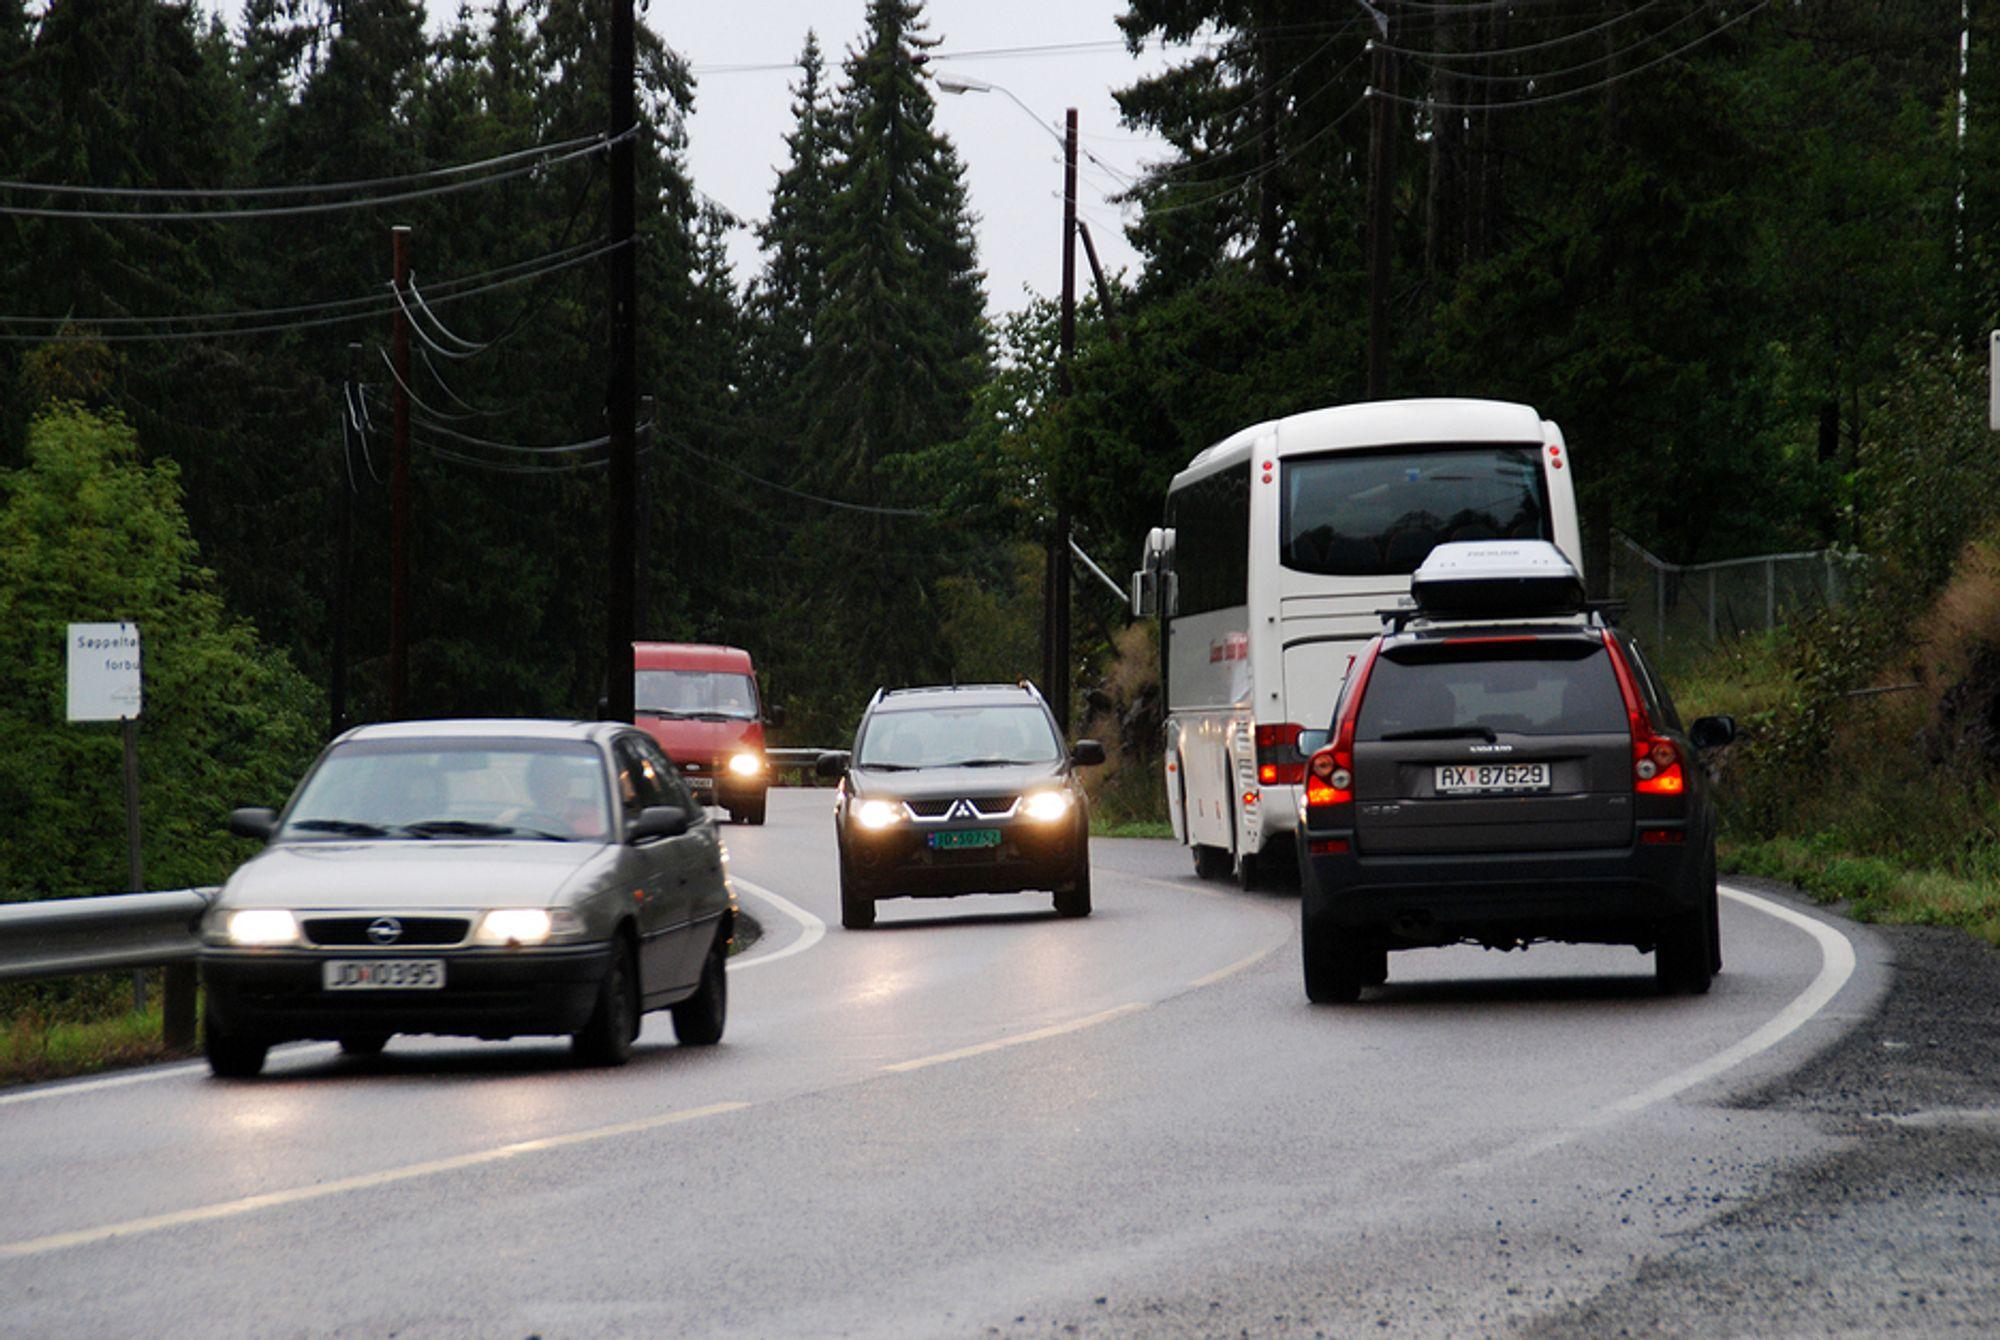 - Vi etterlyser en bred gjennomgang av standarden på norske veier, sier Håkon Glomsaker i NAF. Illustrasjonsfoto fra E16 over Sollihøgda i Bærum.